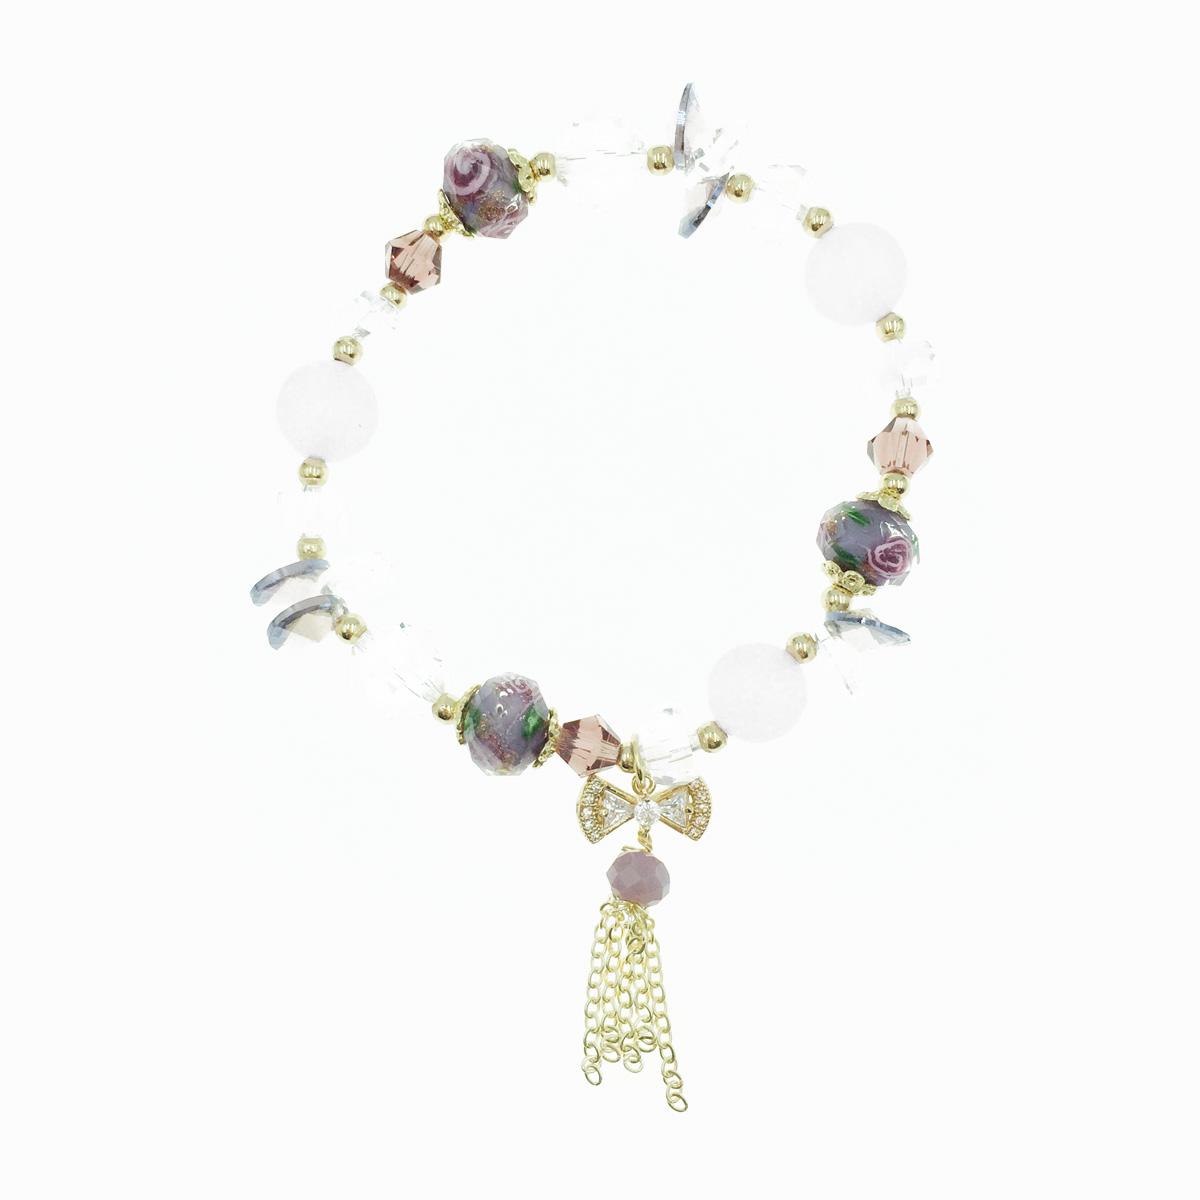 韓國 水晶 水鑽蝴蝶結 流蘇 墜飾 手鍊